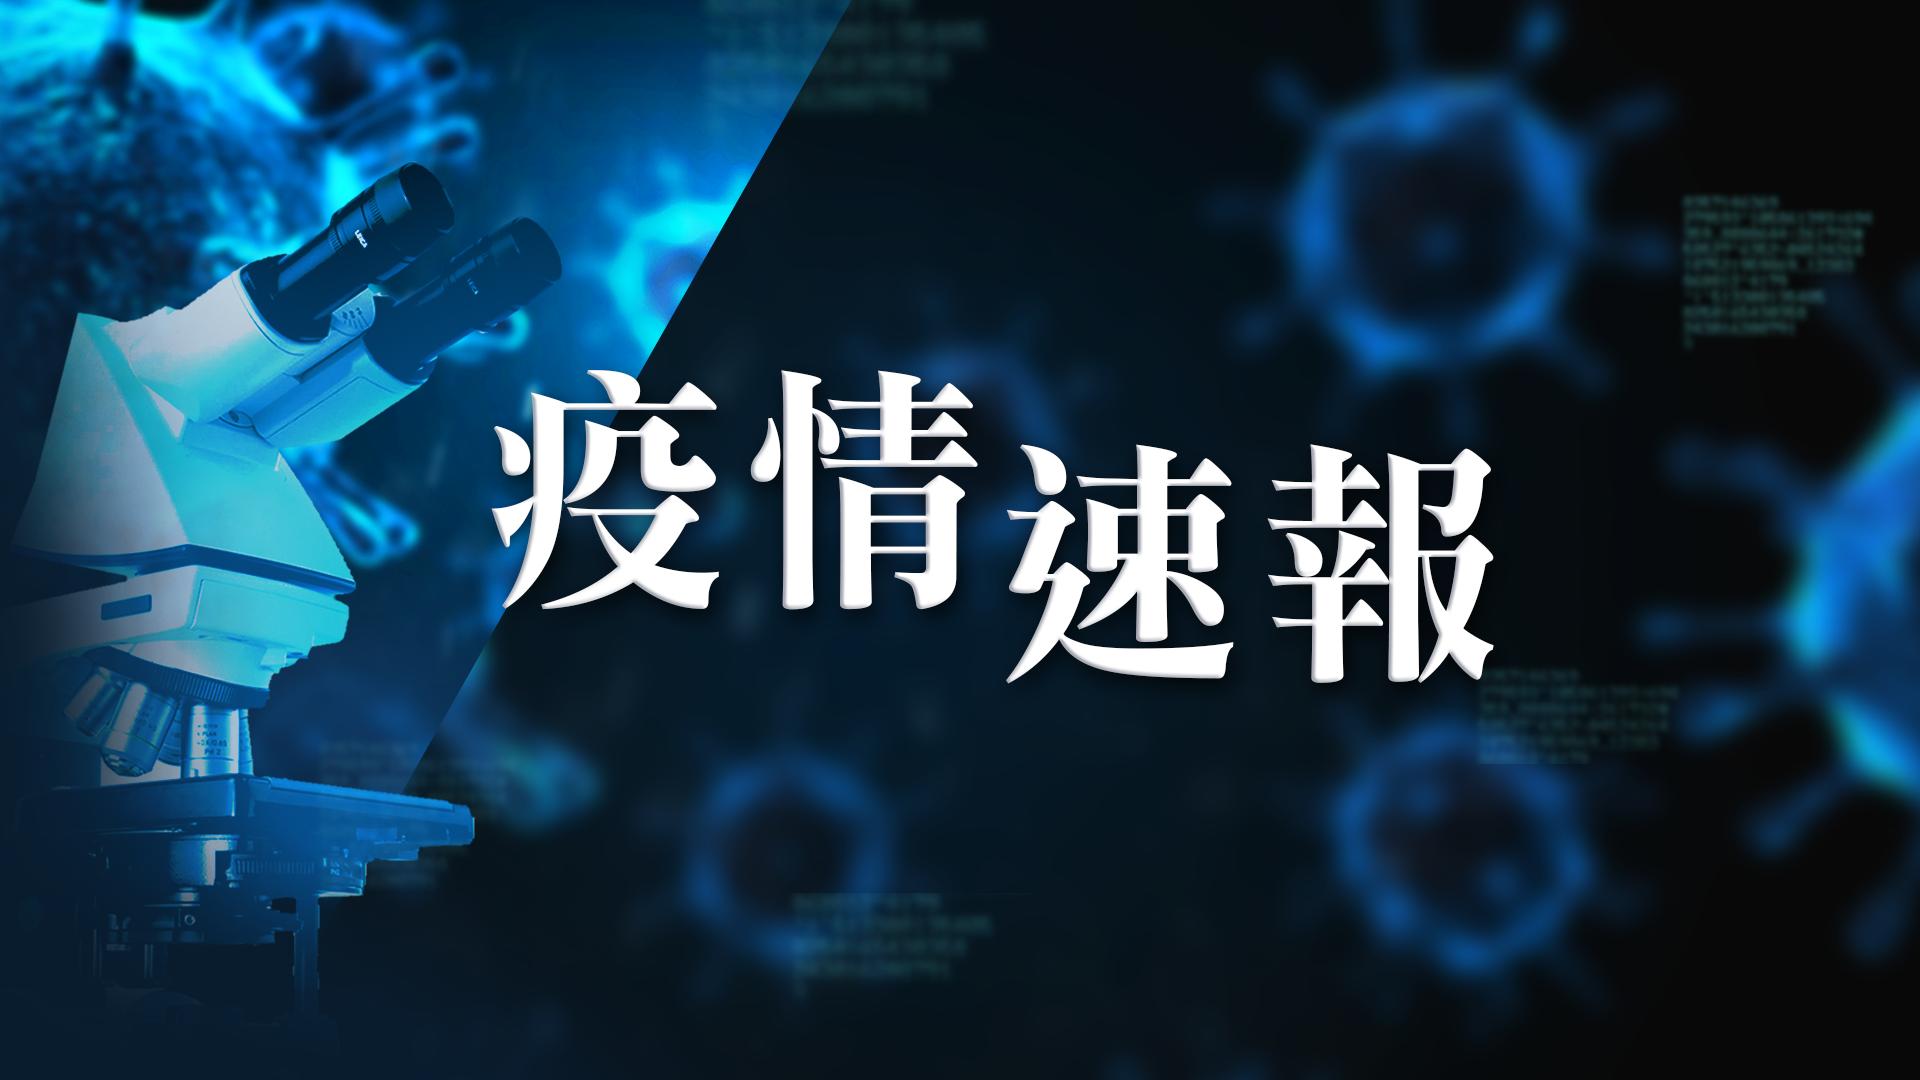 【8月9日疫情速報】(23:45)